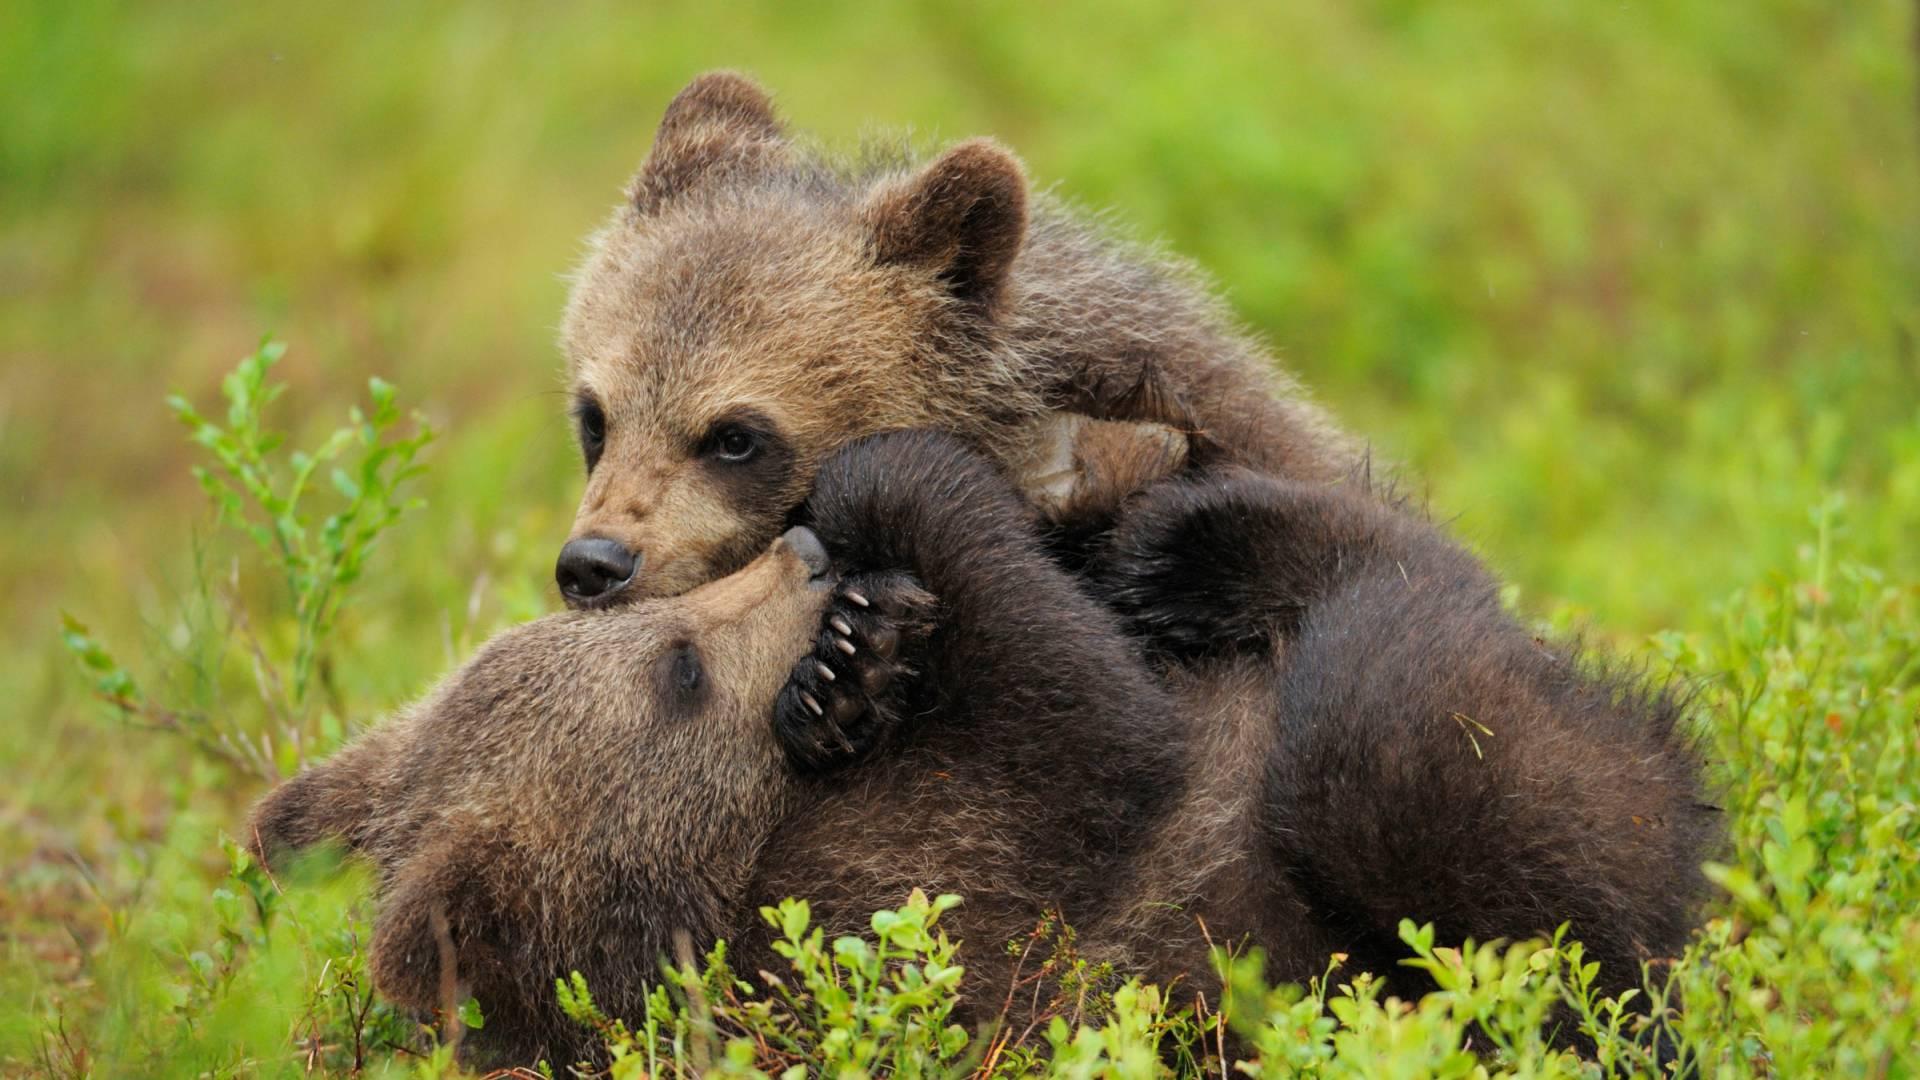 Bildergebnis für bären wwf